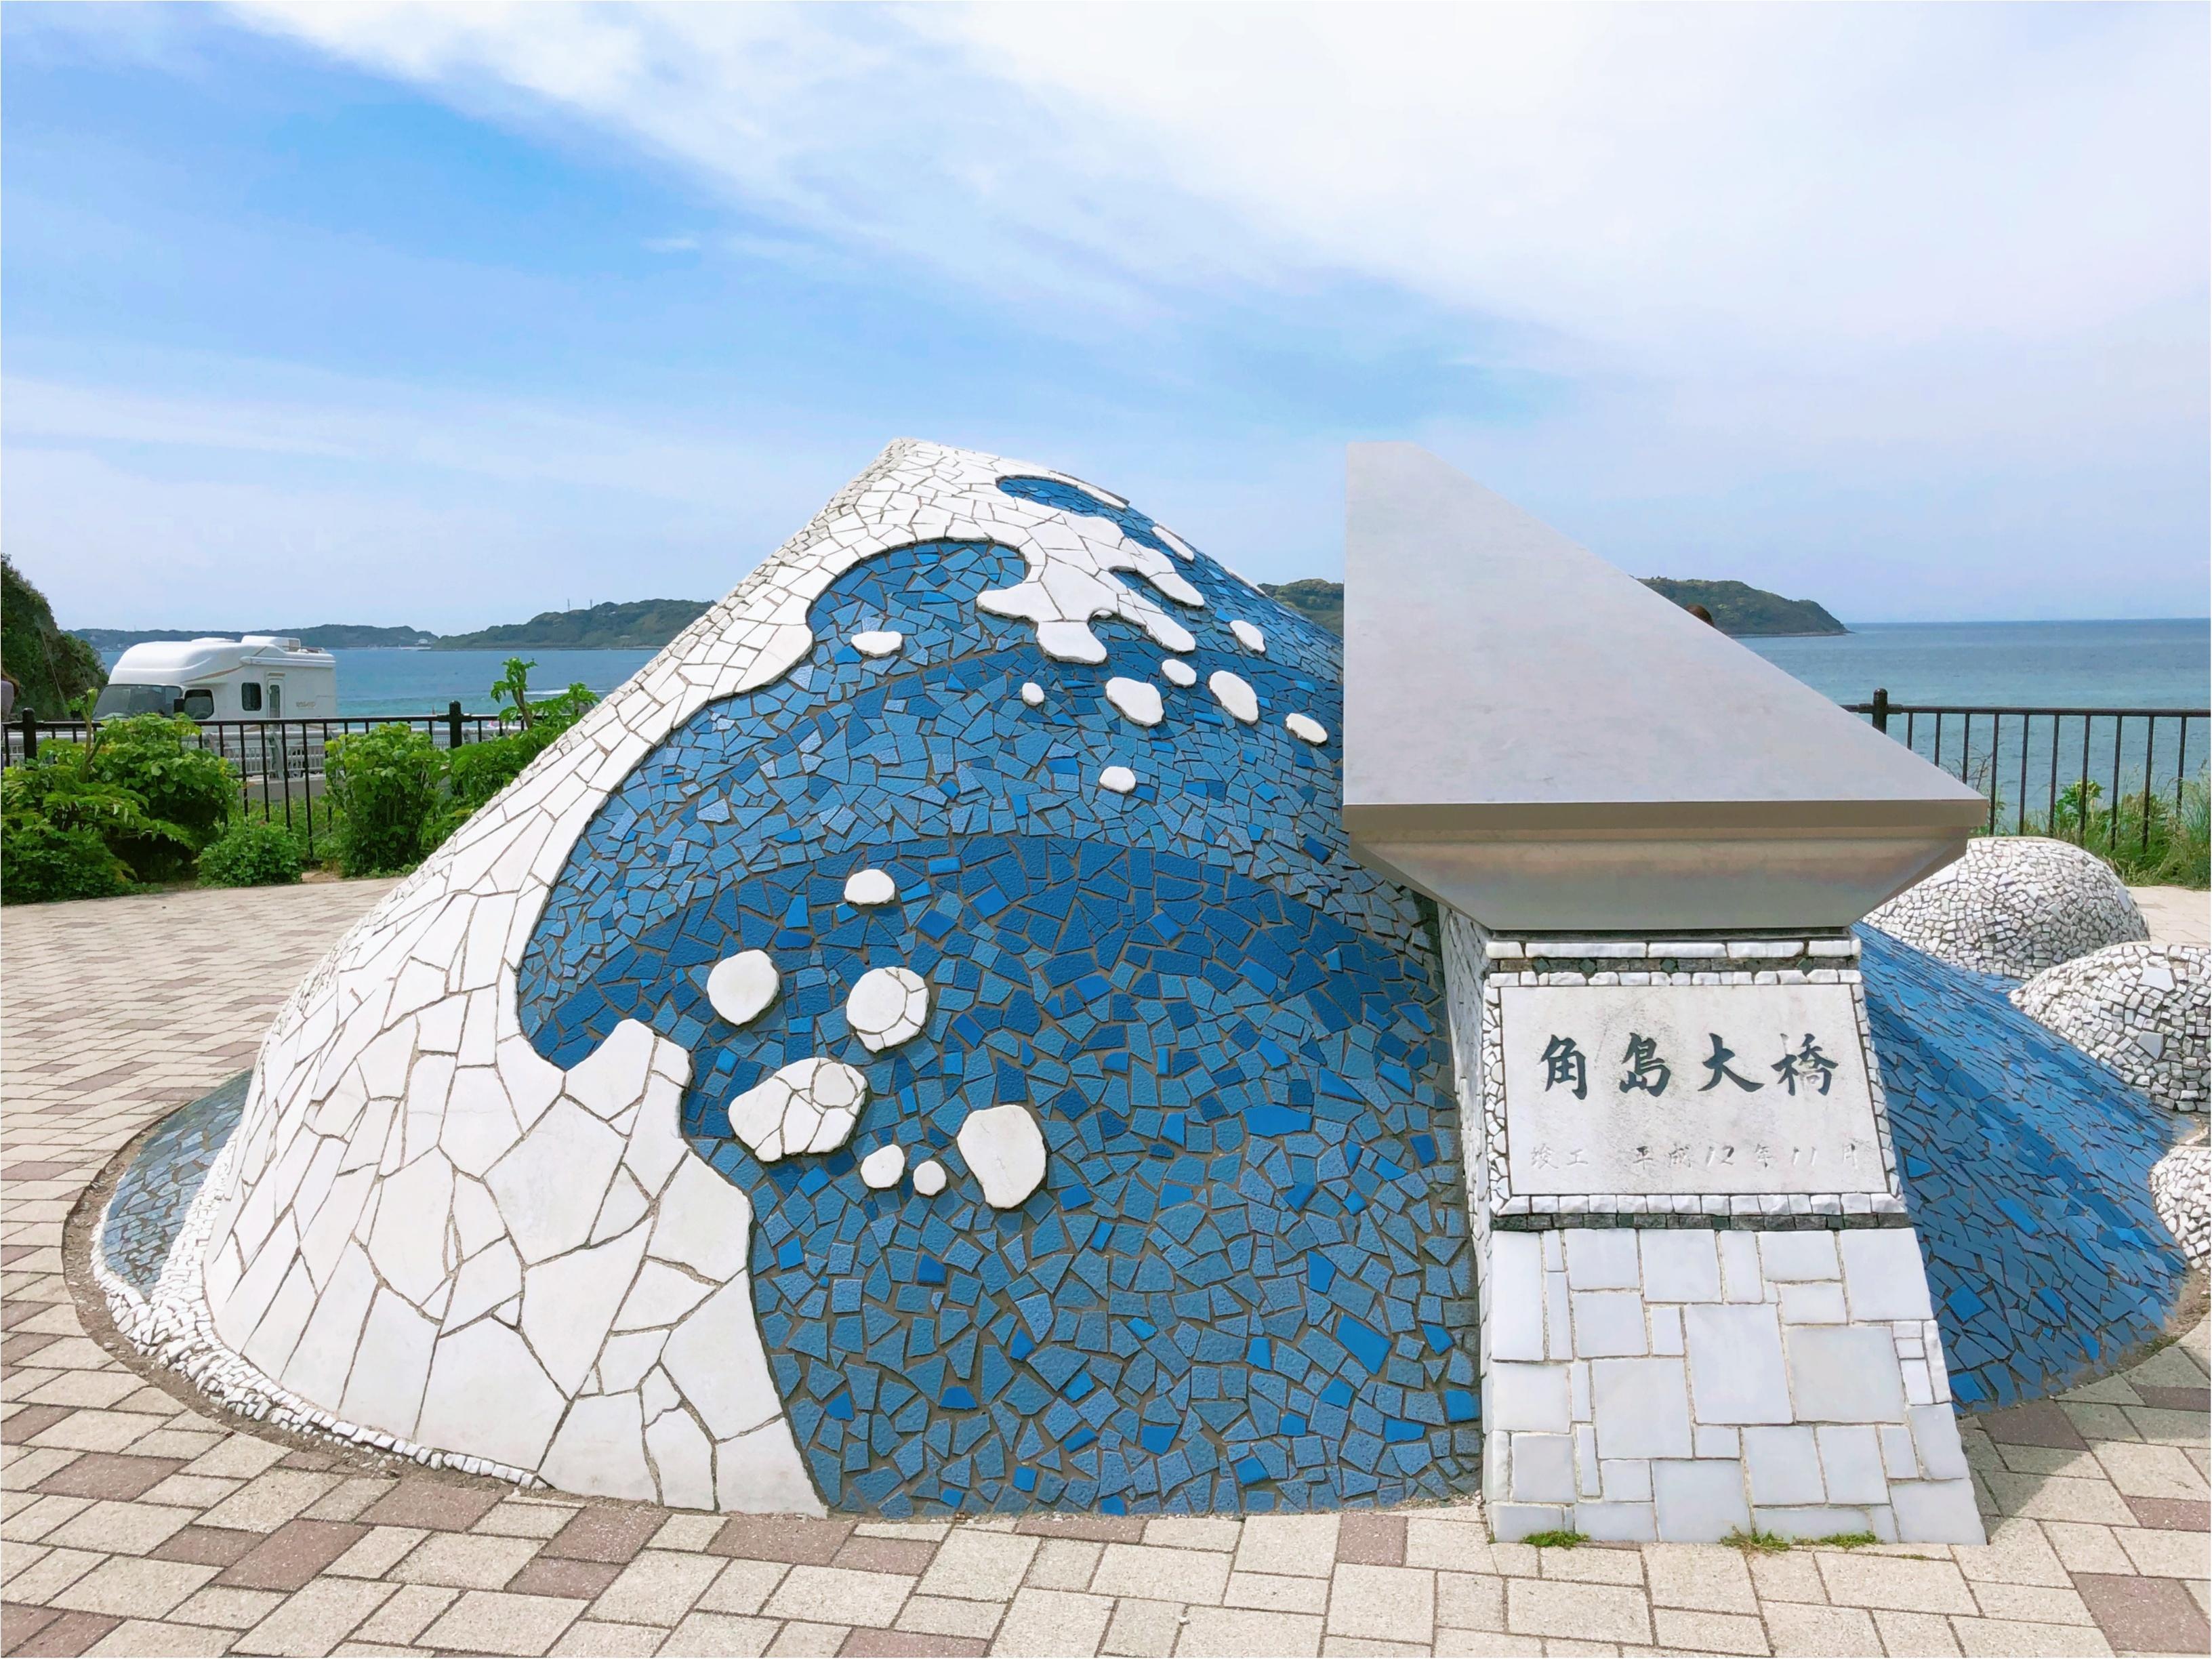 一度は行ってみたい♡ 世界の絶景にも選ばれた『 日本一美しい橋 』 ♡♡_1